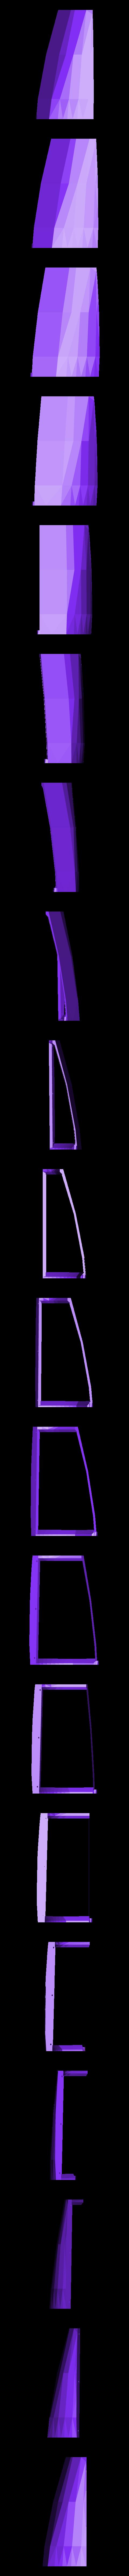 Mid_Front_Right.stl Télécharger fichier STL gratuit Voilier à voile • Objet pour impression 3D, Rusichar